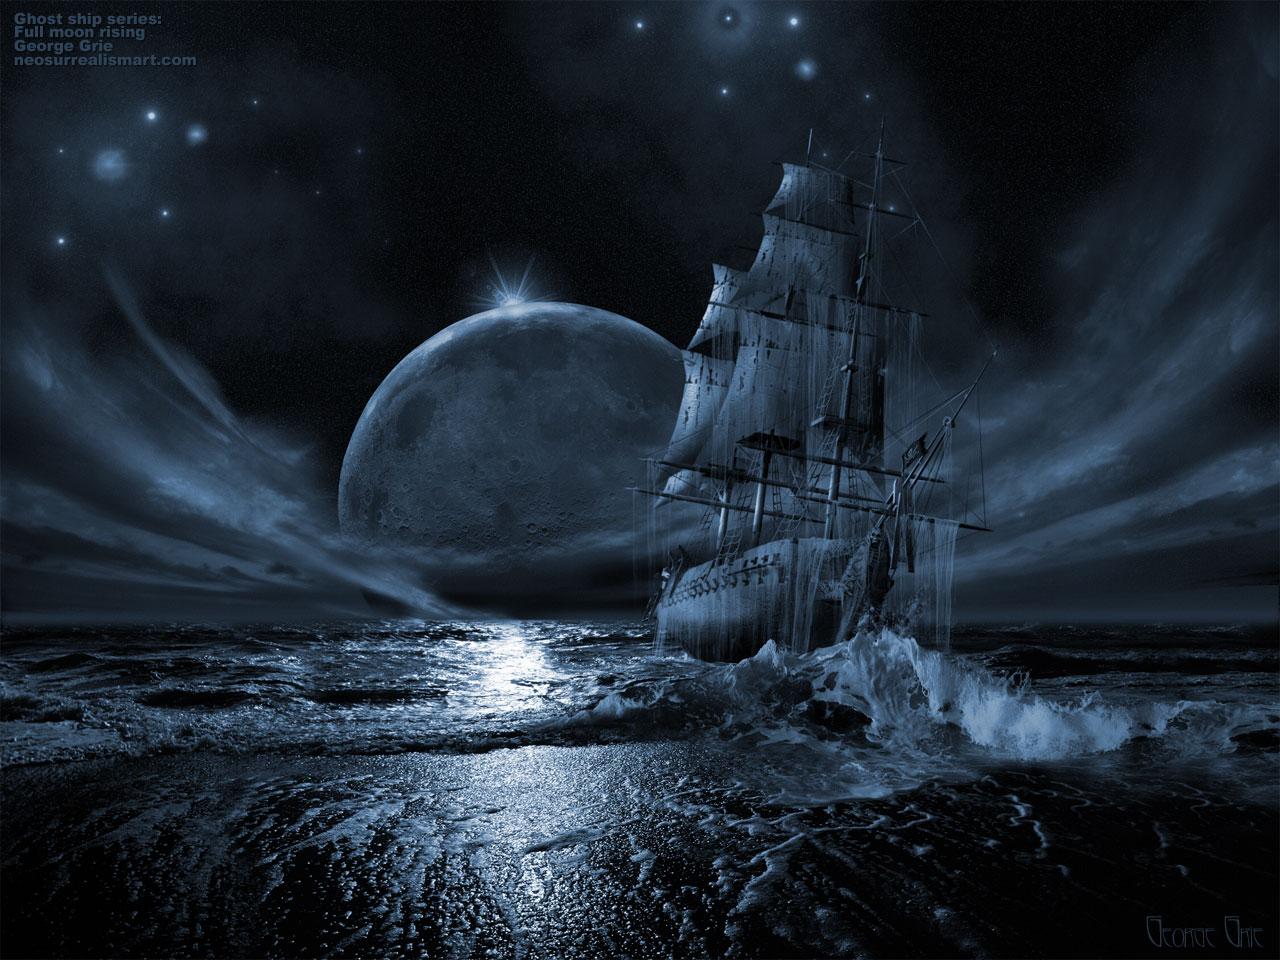 ghost ship by iicici